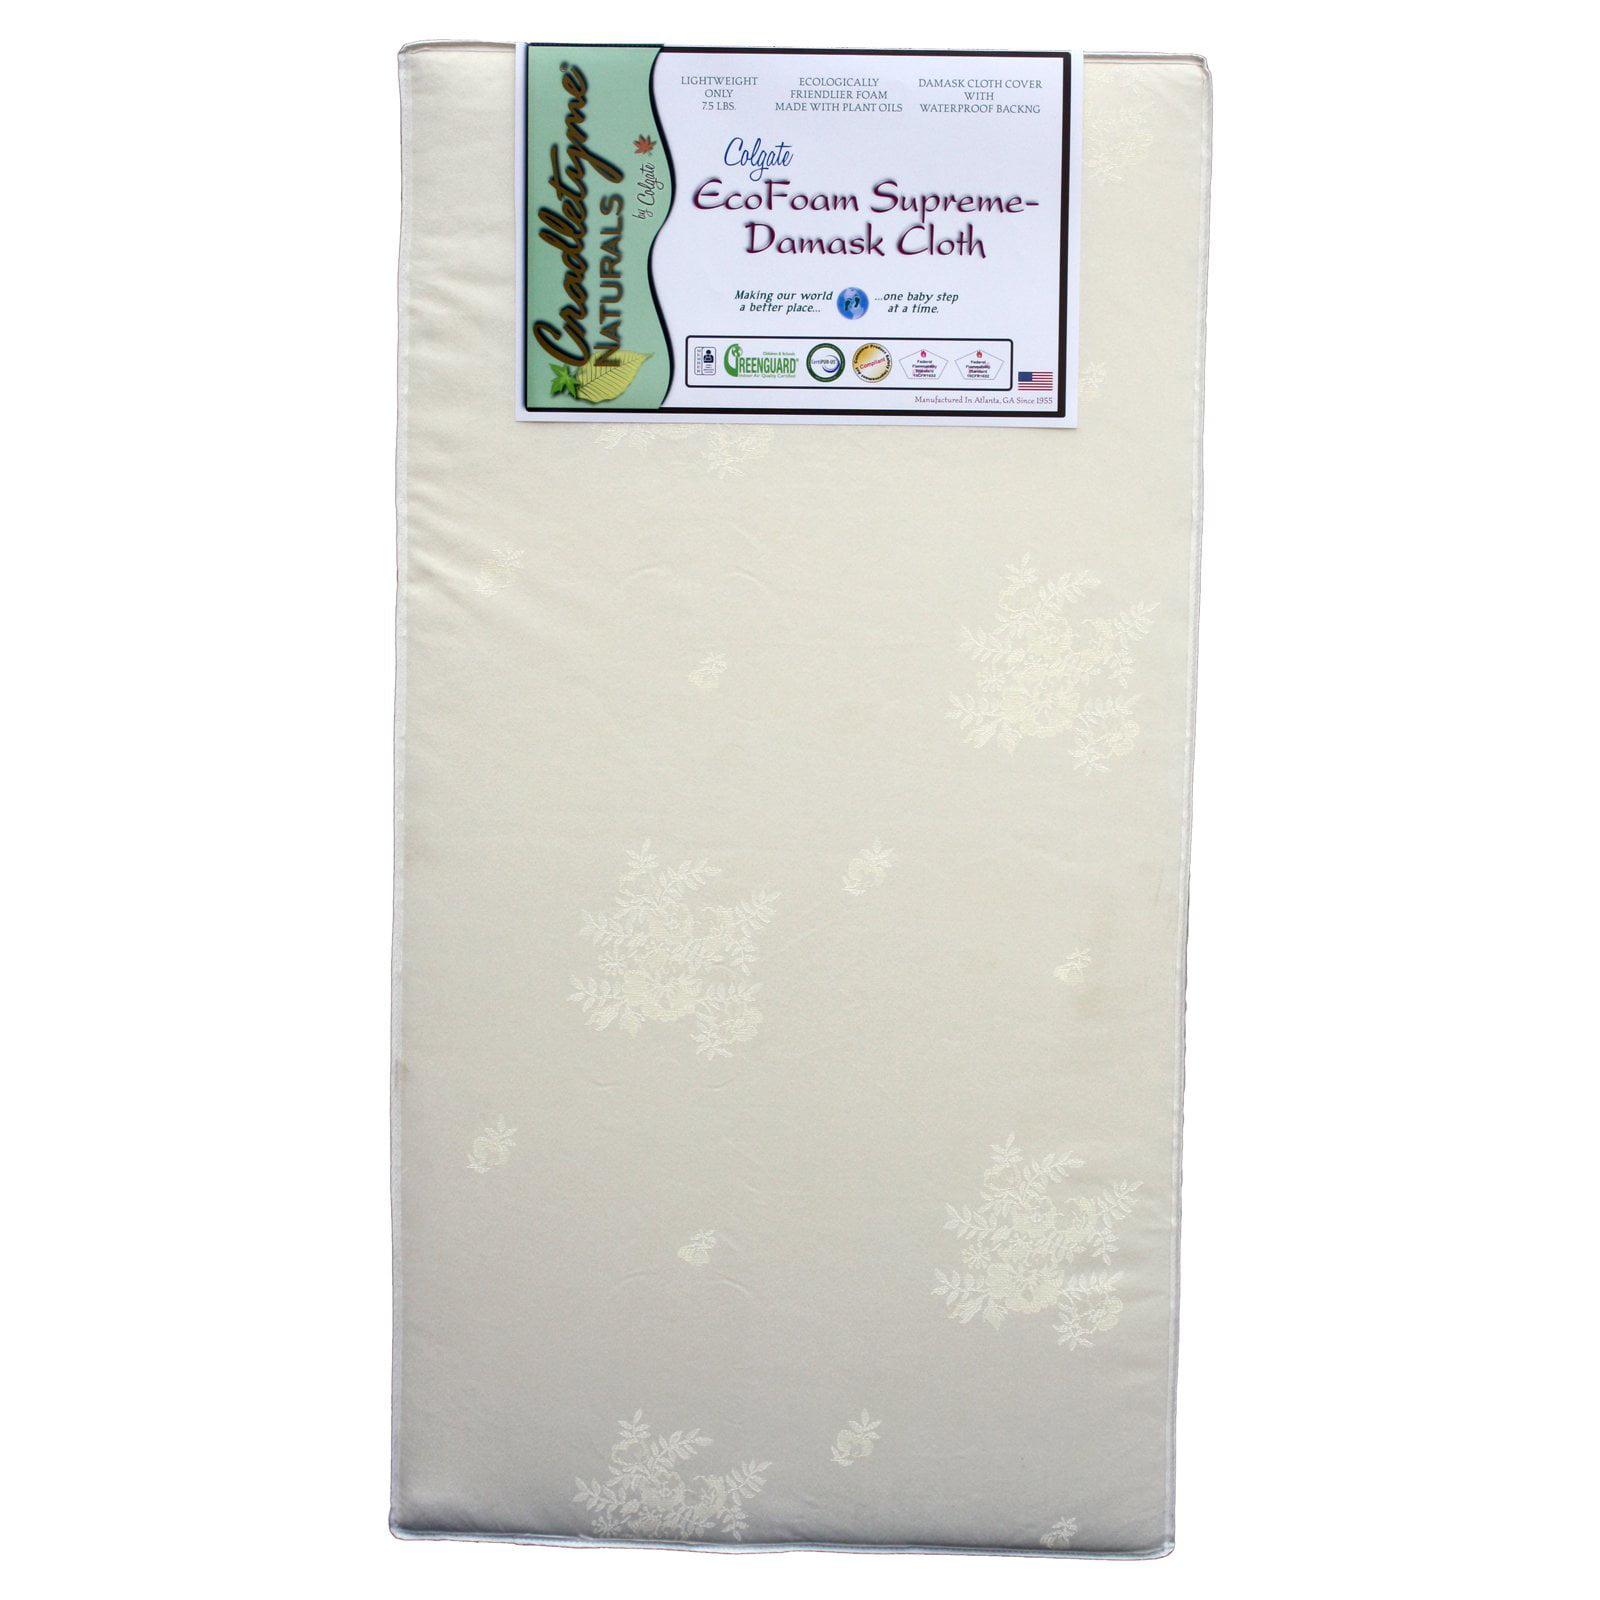 Colgate EcoFoam Supreme Damask Cloth Crib Mattress by Colgate